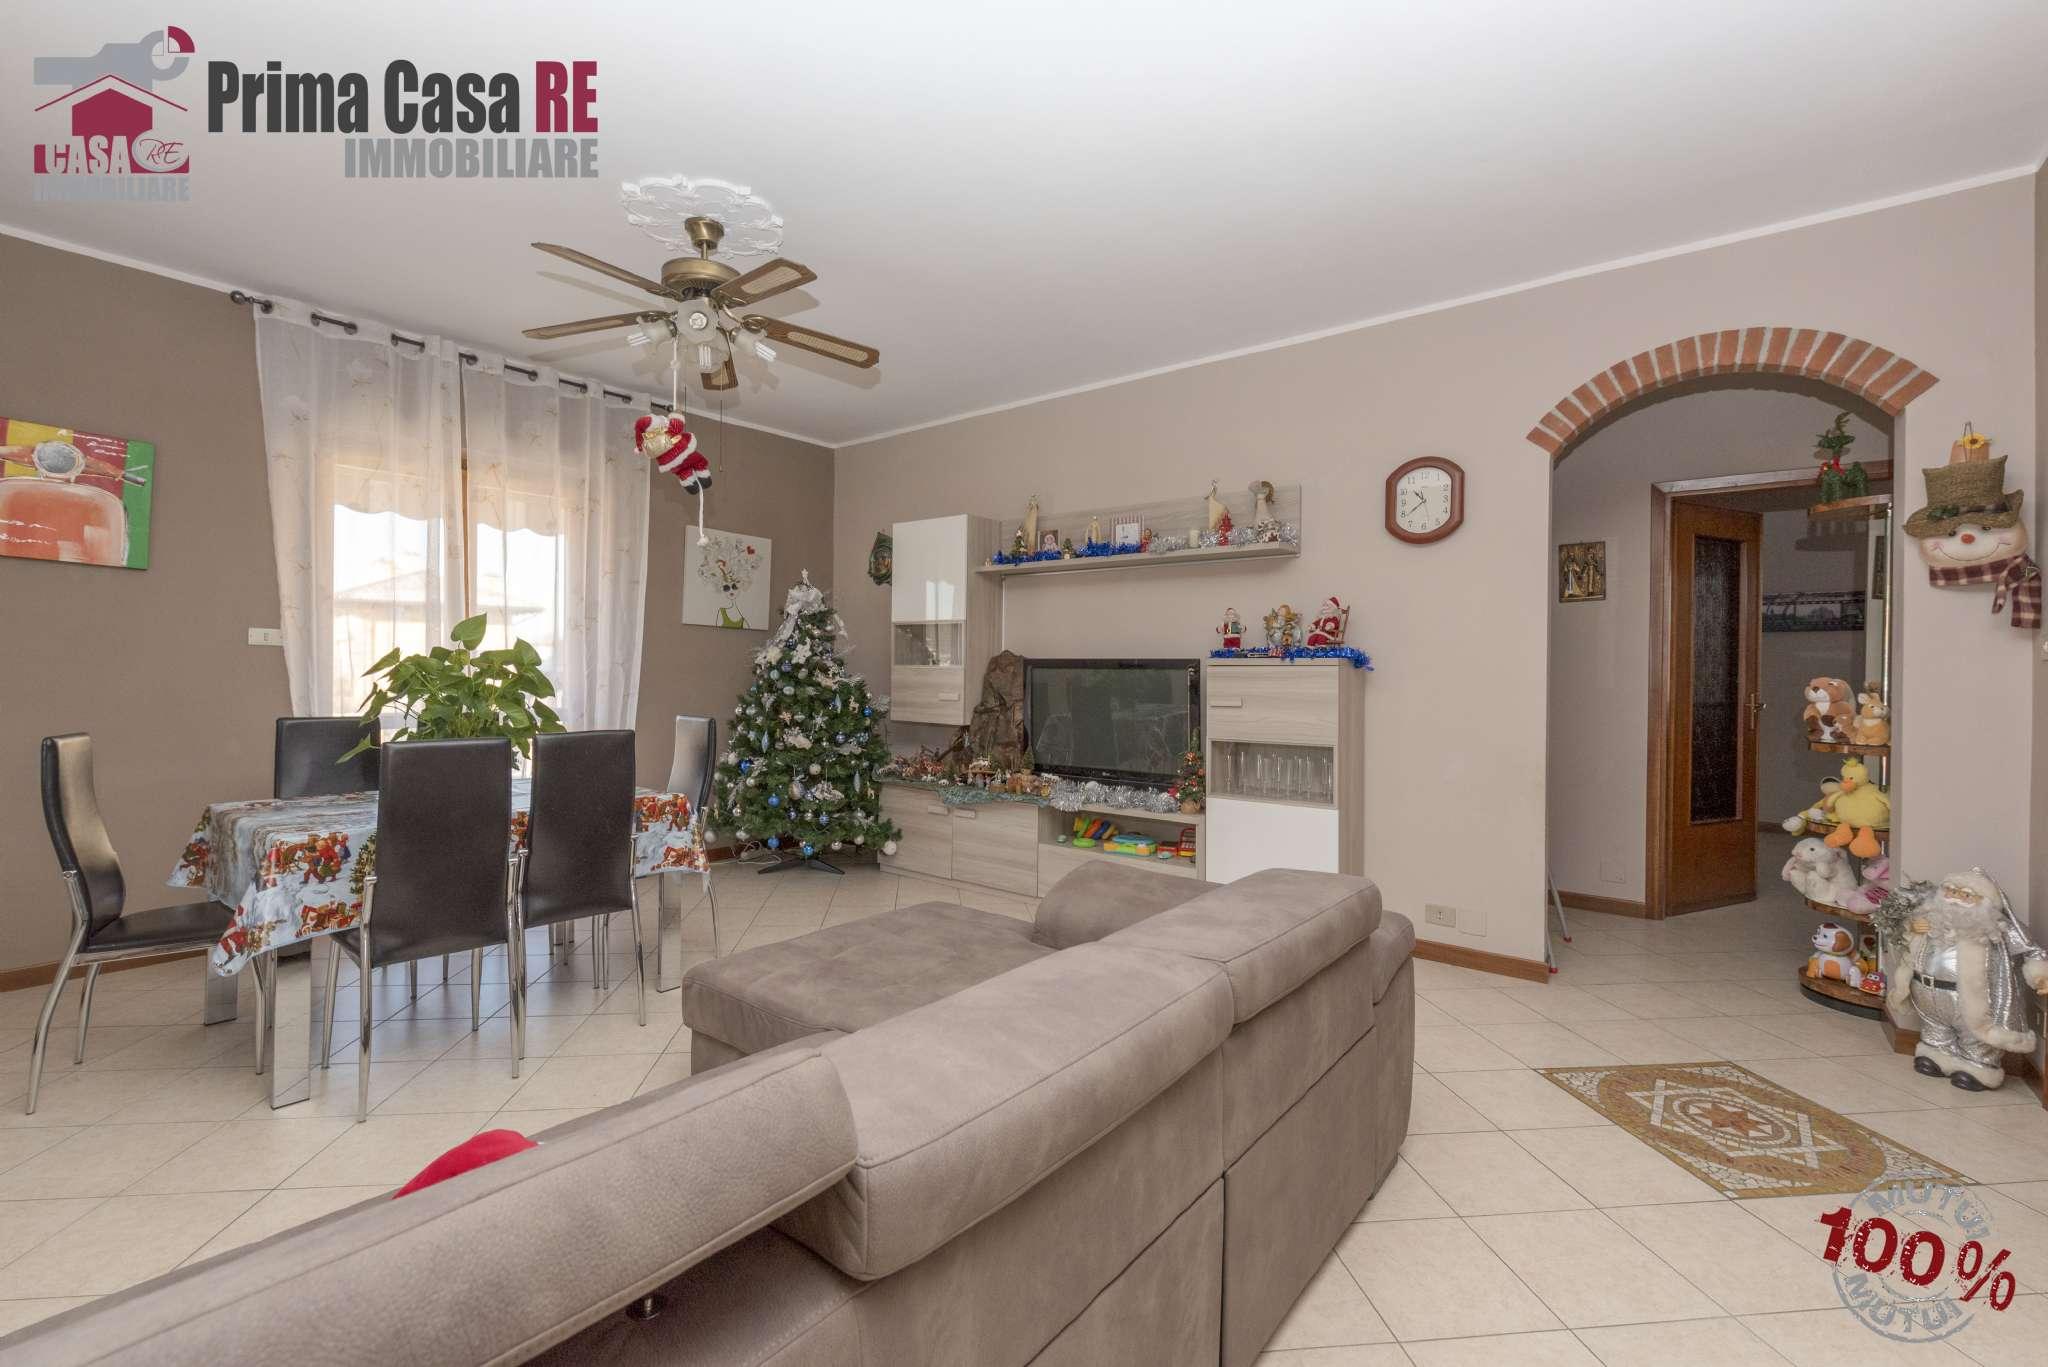 Appartamento in vendita a Torrazza Piemonte, 4 locali, prezzo € 129.000 | CambioCasa.it